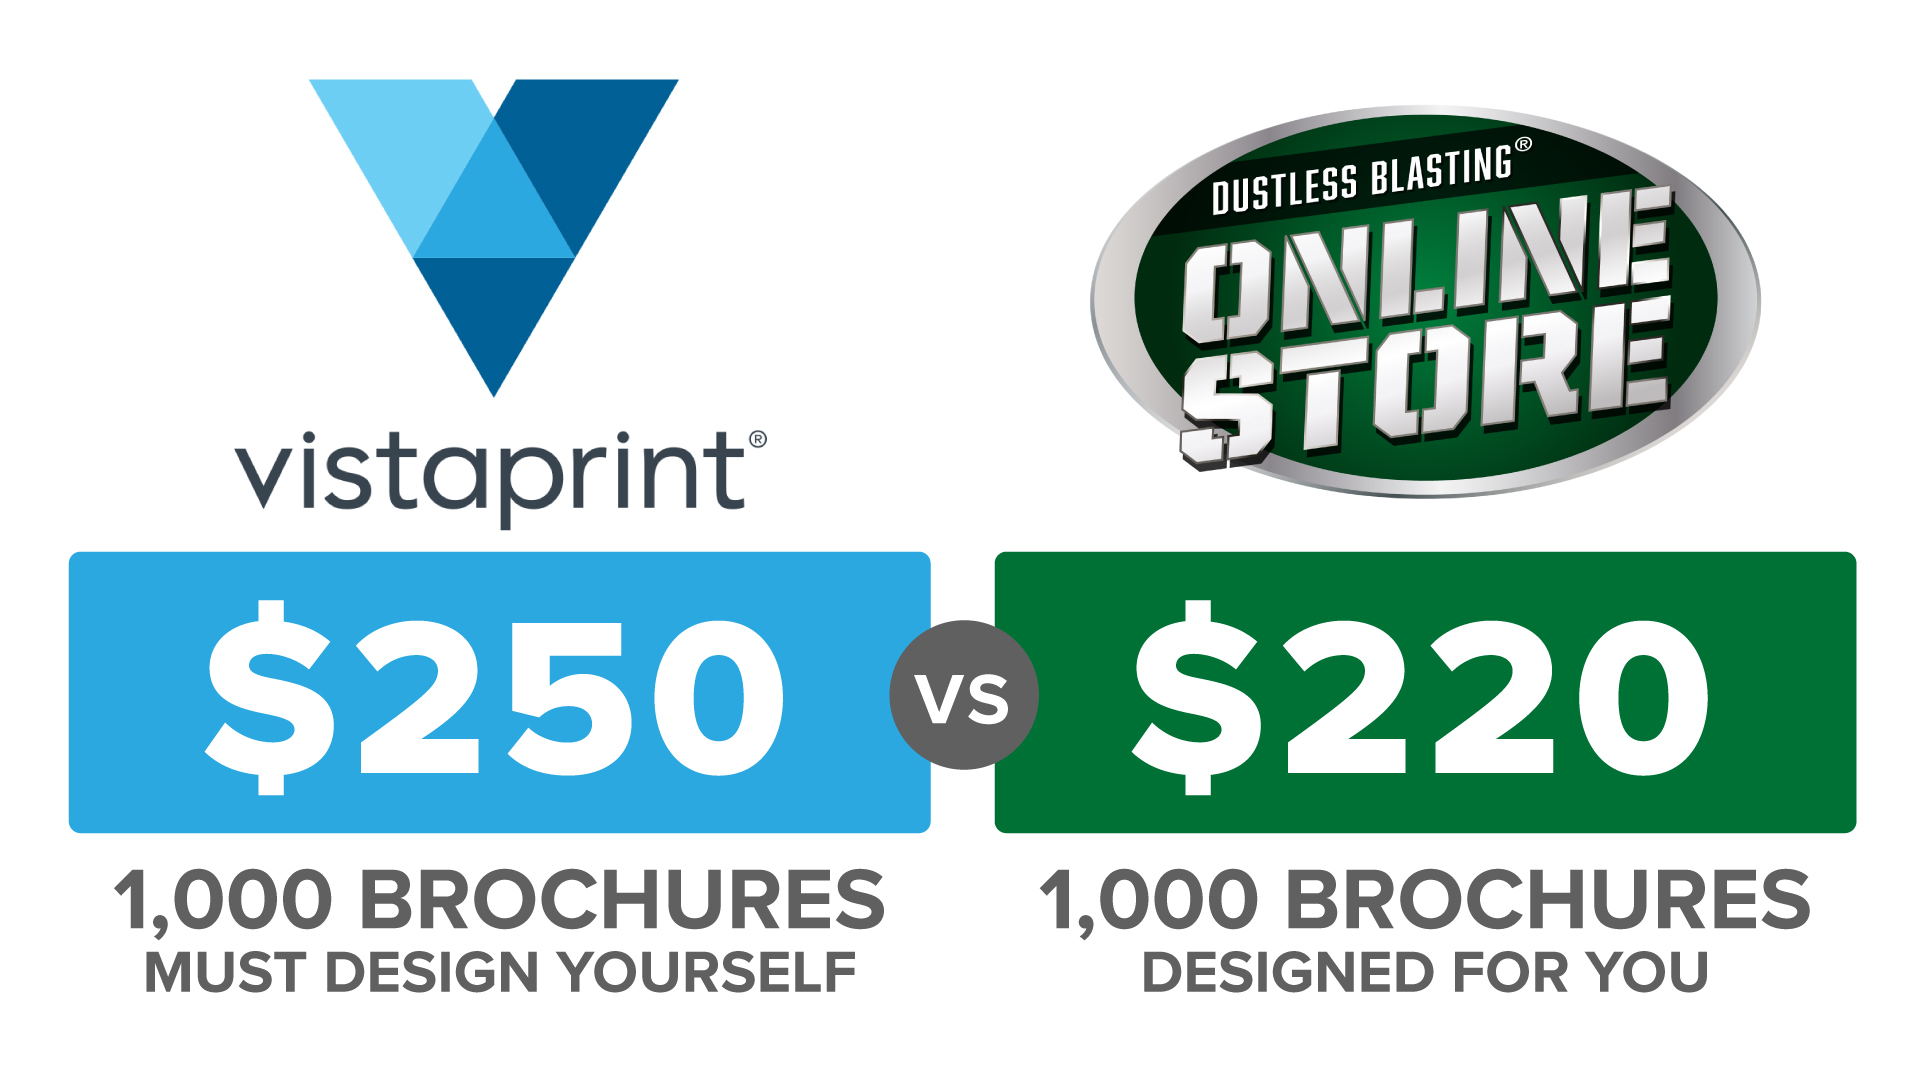 vistaprint-and-online-store-comparison